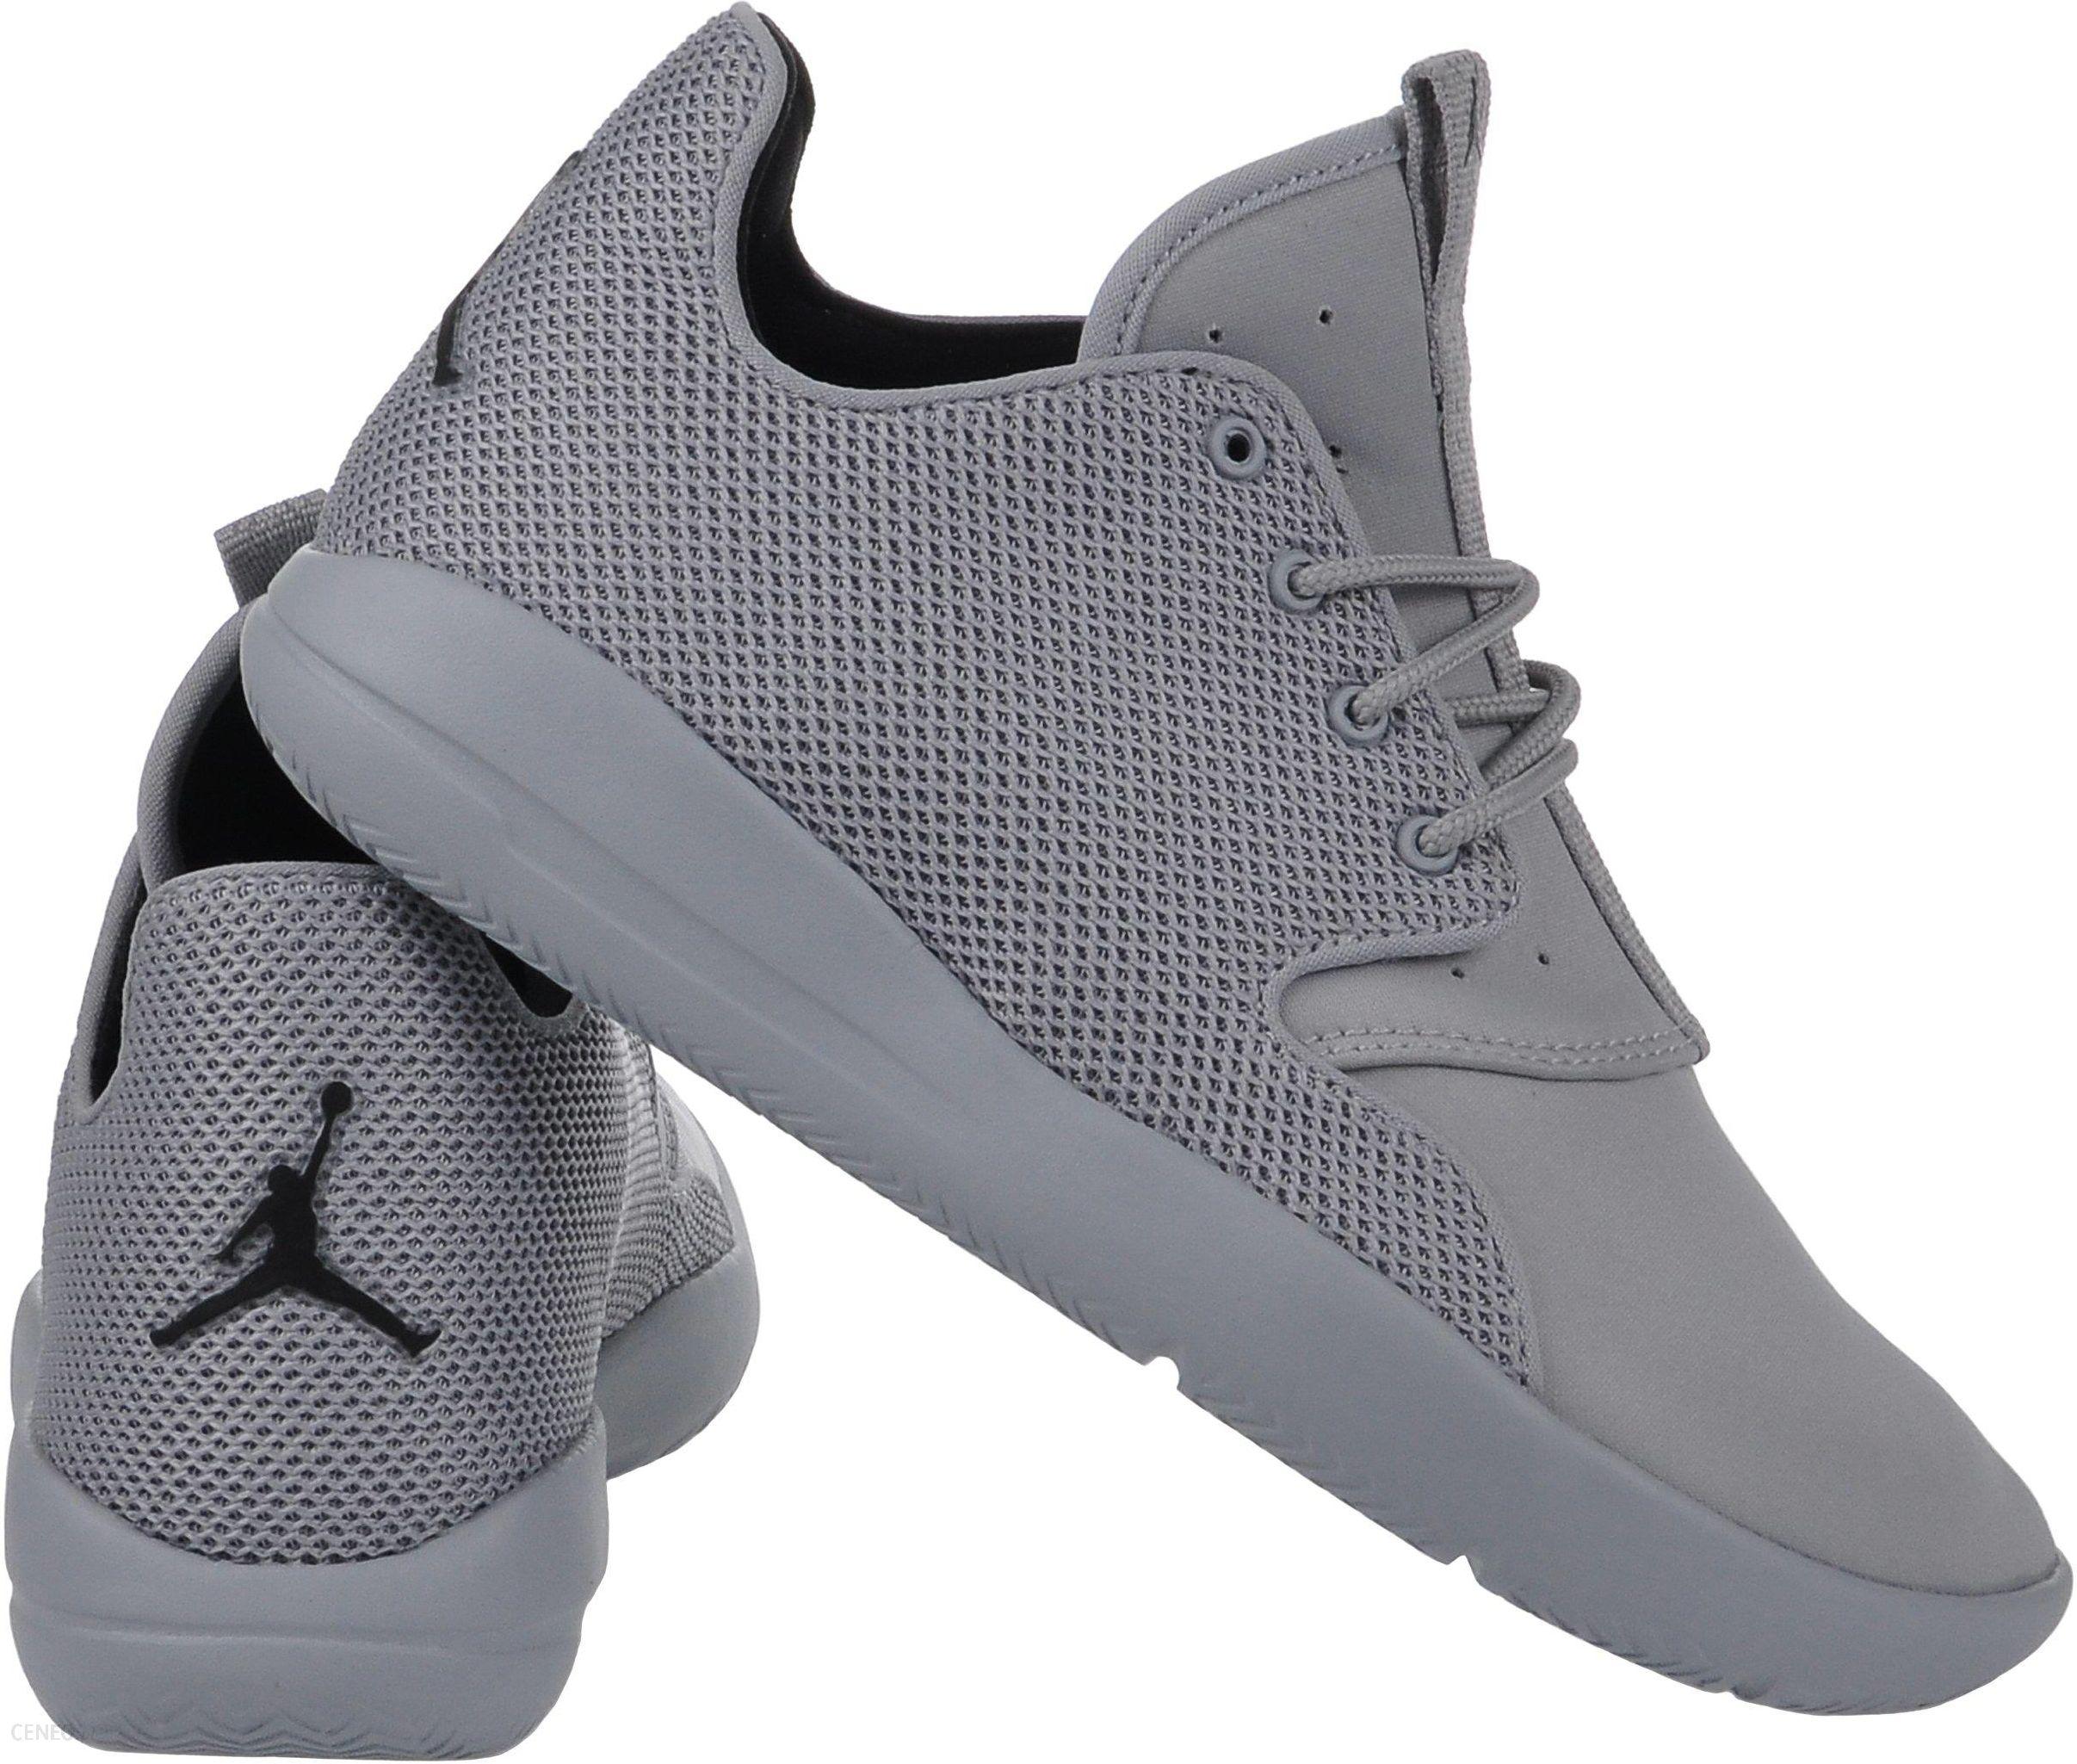 Buty Damskie Nike Jordan Eclipse 724042 004 r.36,5 Ceny i opinie Ceneo.pl